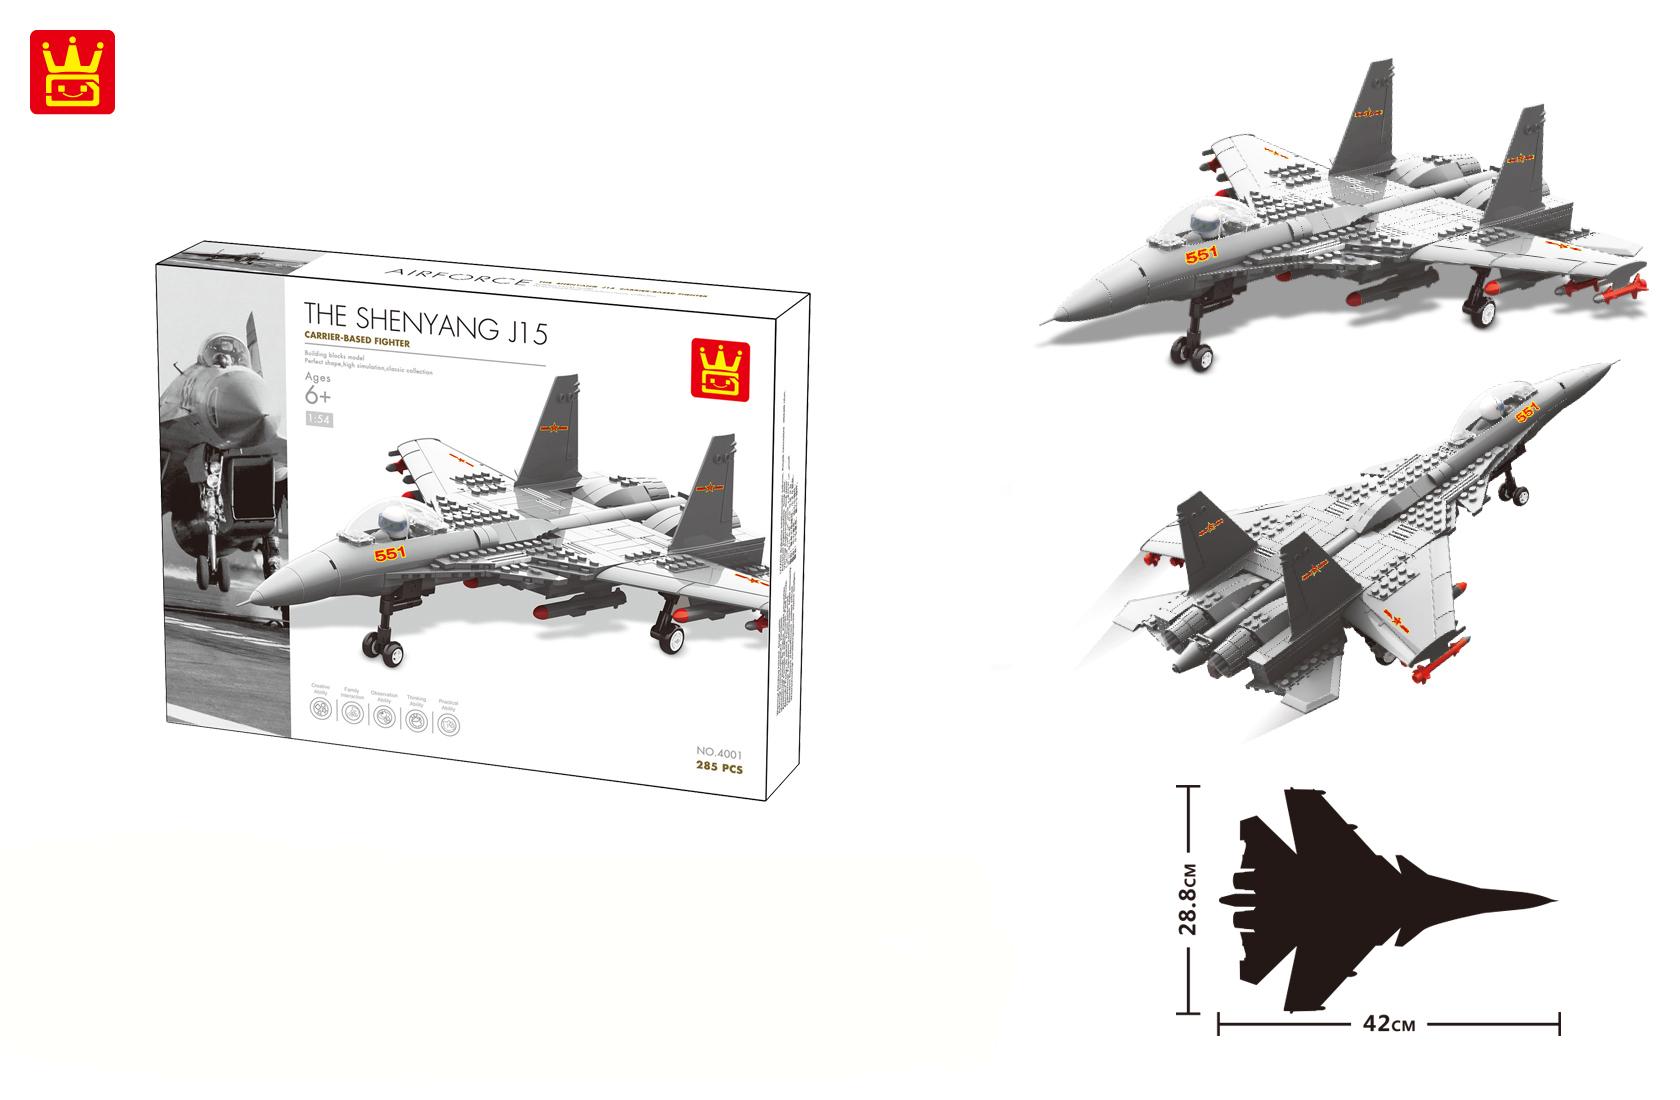 Bộ ghép hình máy bay chiến đấu Legion 4001